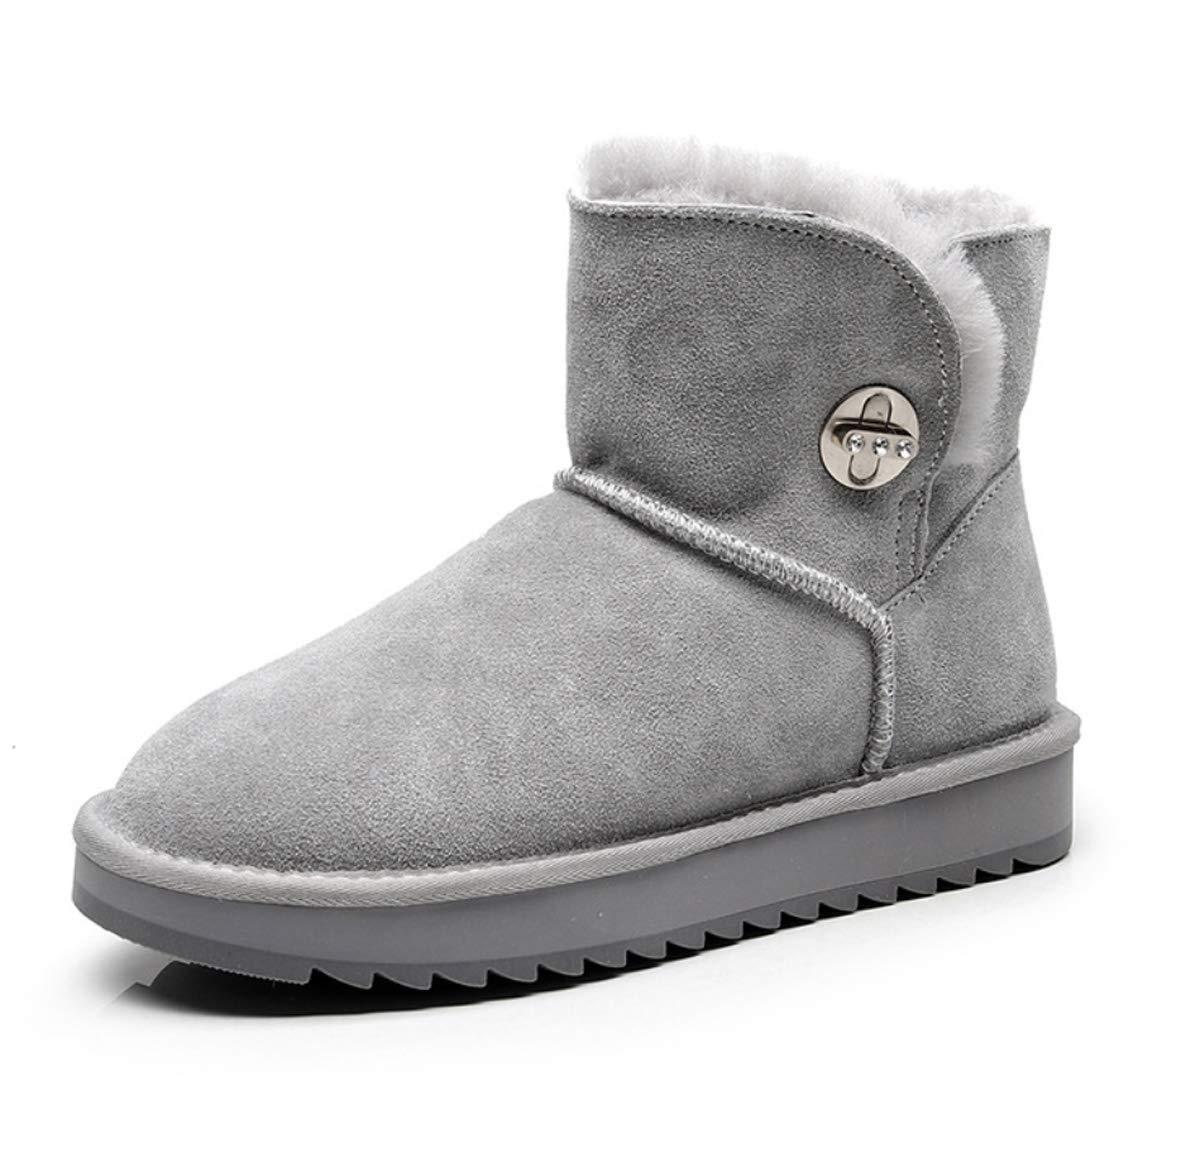 DANDANJIE Schneeschuhe für Frauen mit flachen Fersen-Knopf-beiläufigen Stiefeletten Arbeiten warme Schuhe für Winter 2018 um